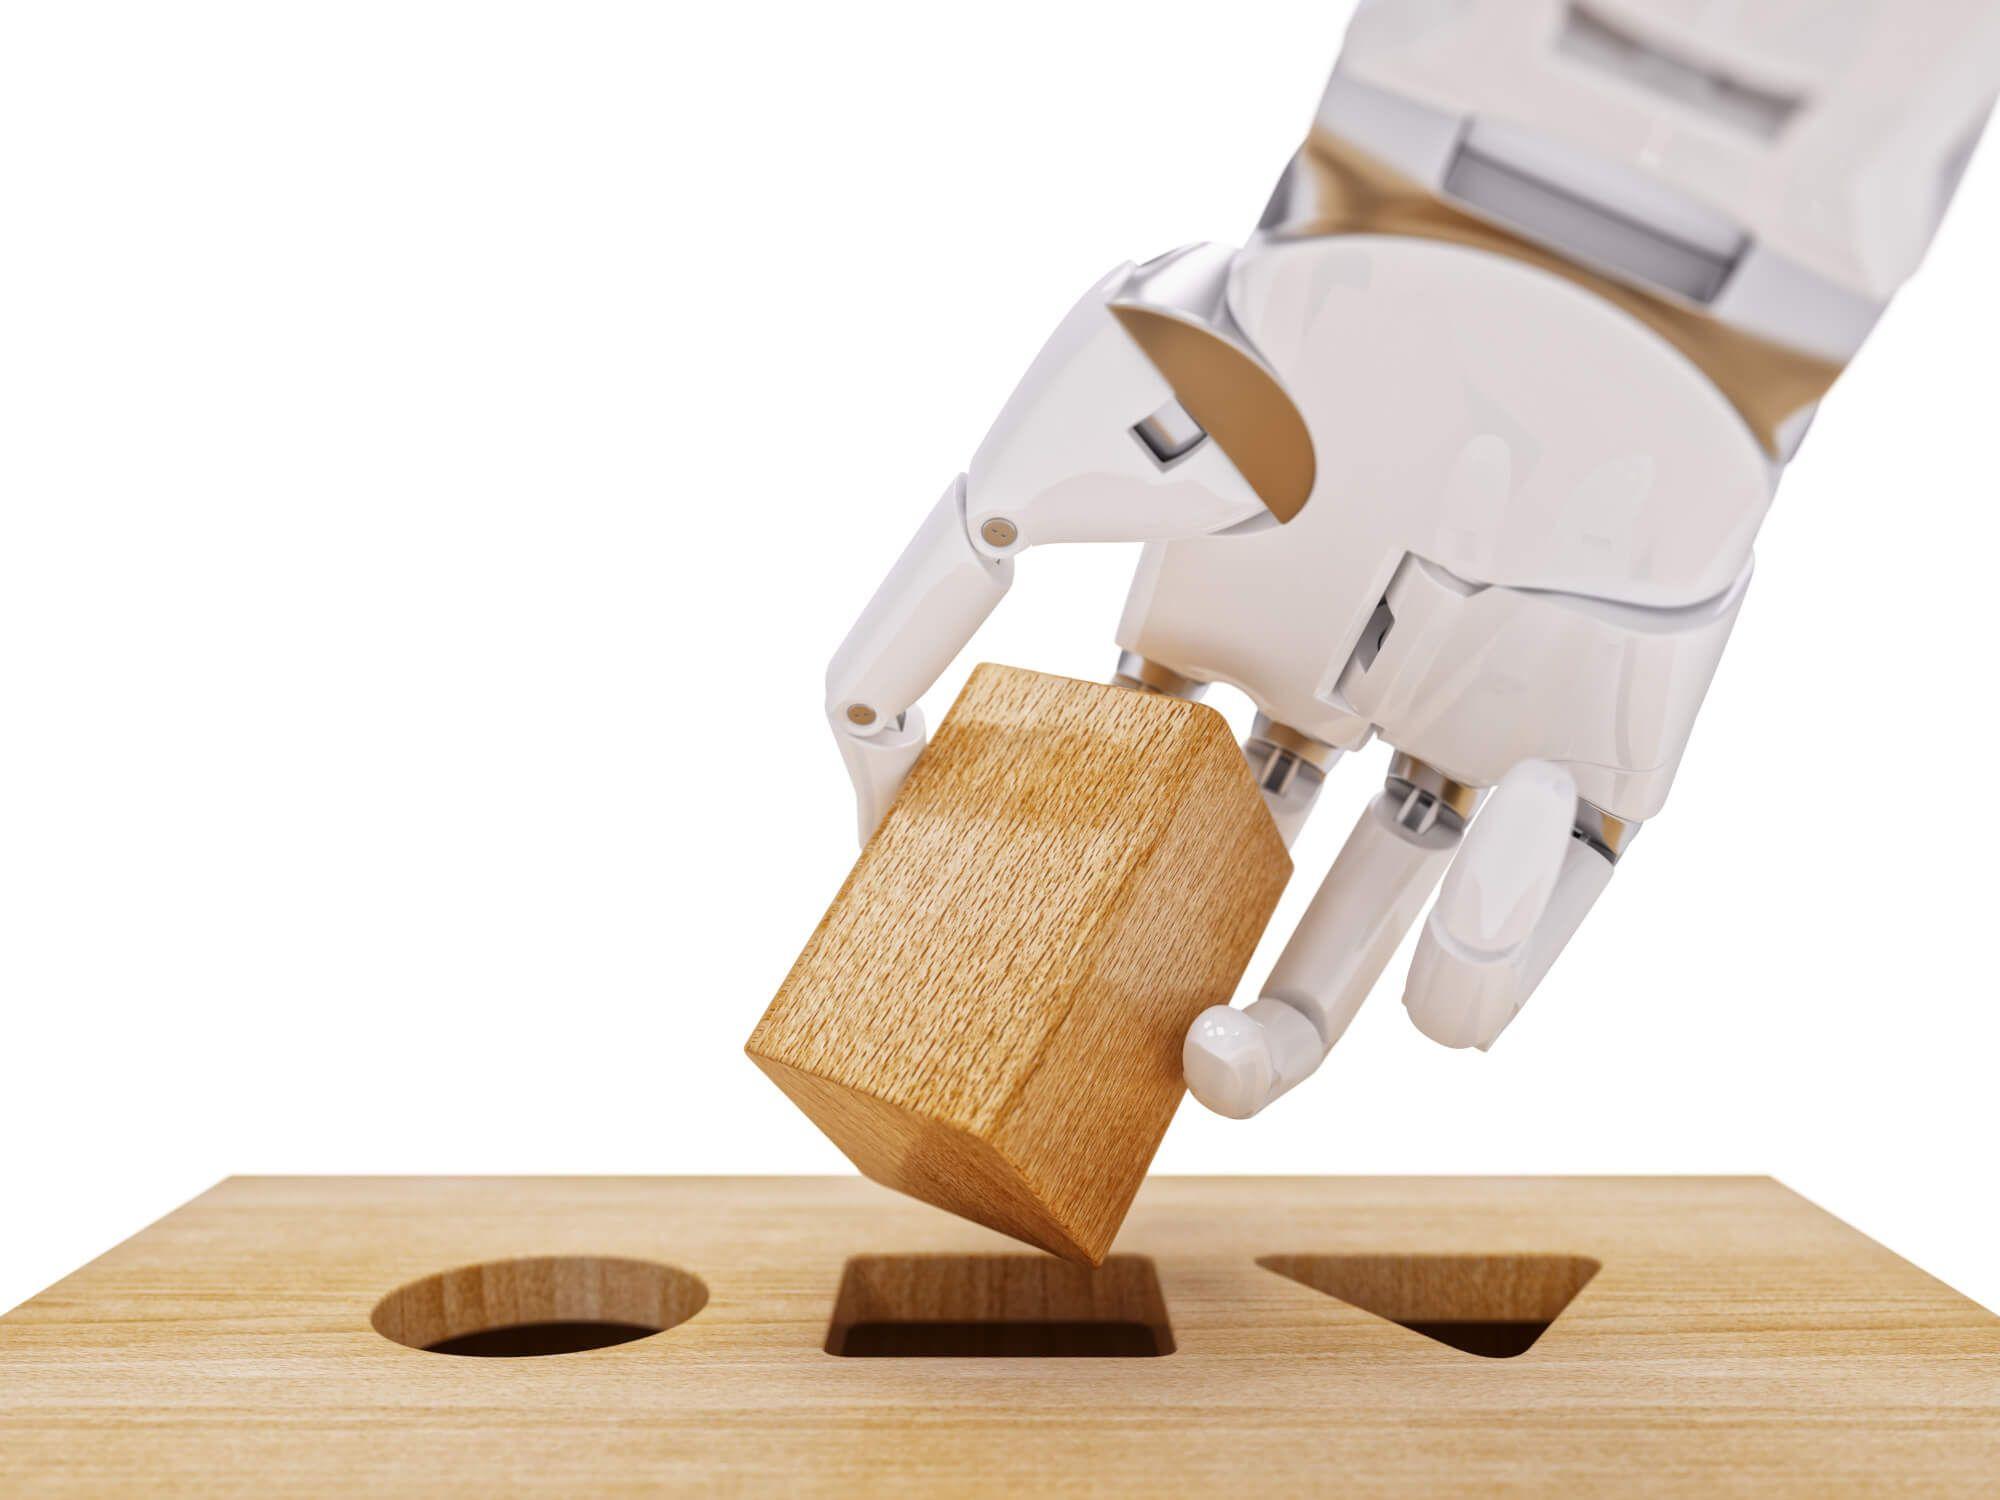 Machine Learning mit KI und neuronalem Netzwerk